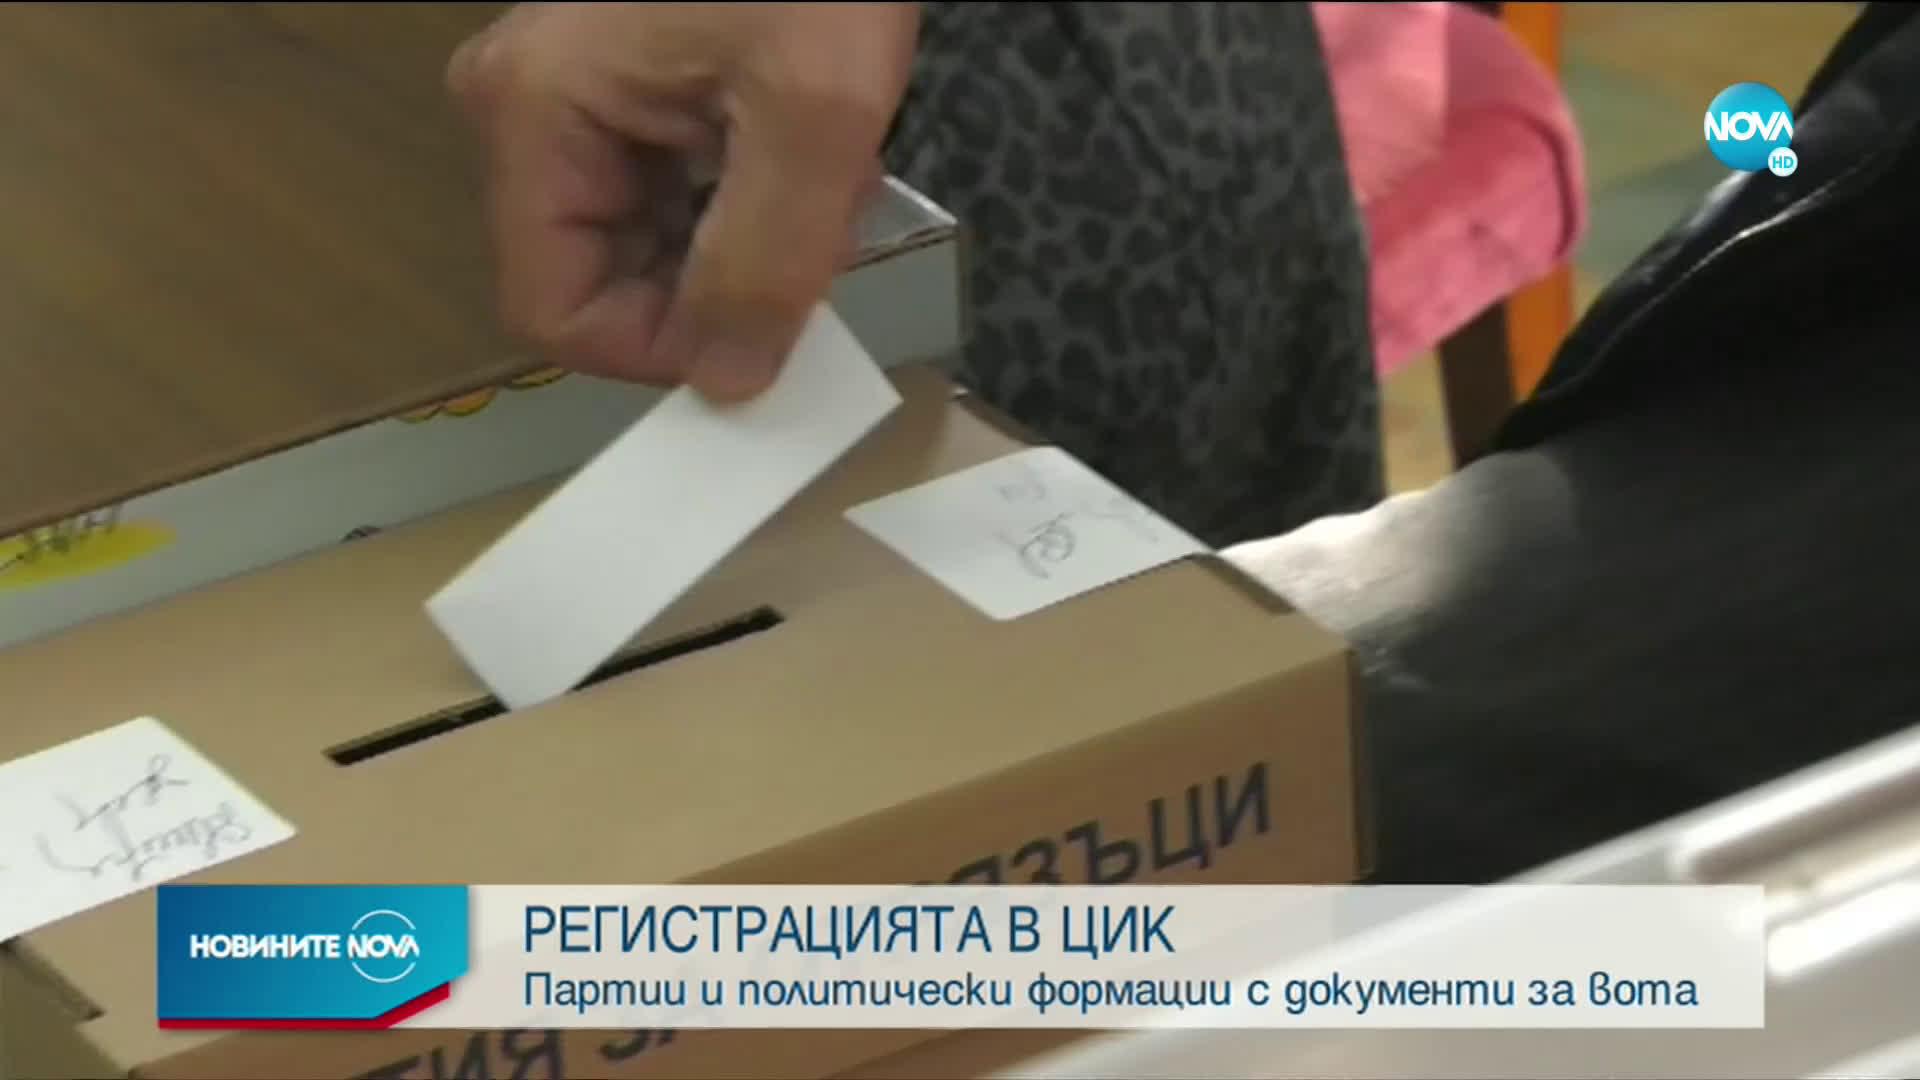 Партии и политически формации подадоха в ЦИК документи за вота